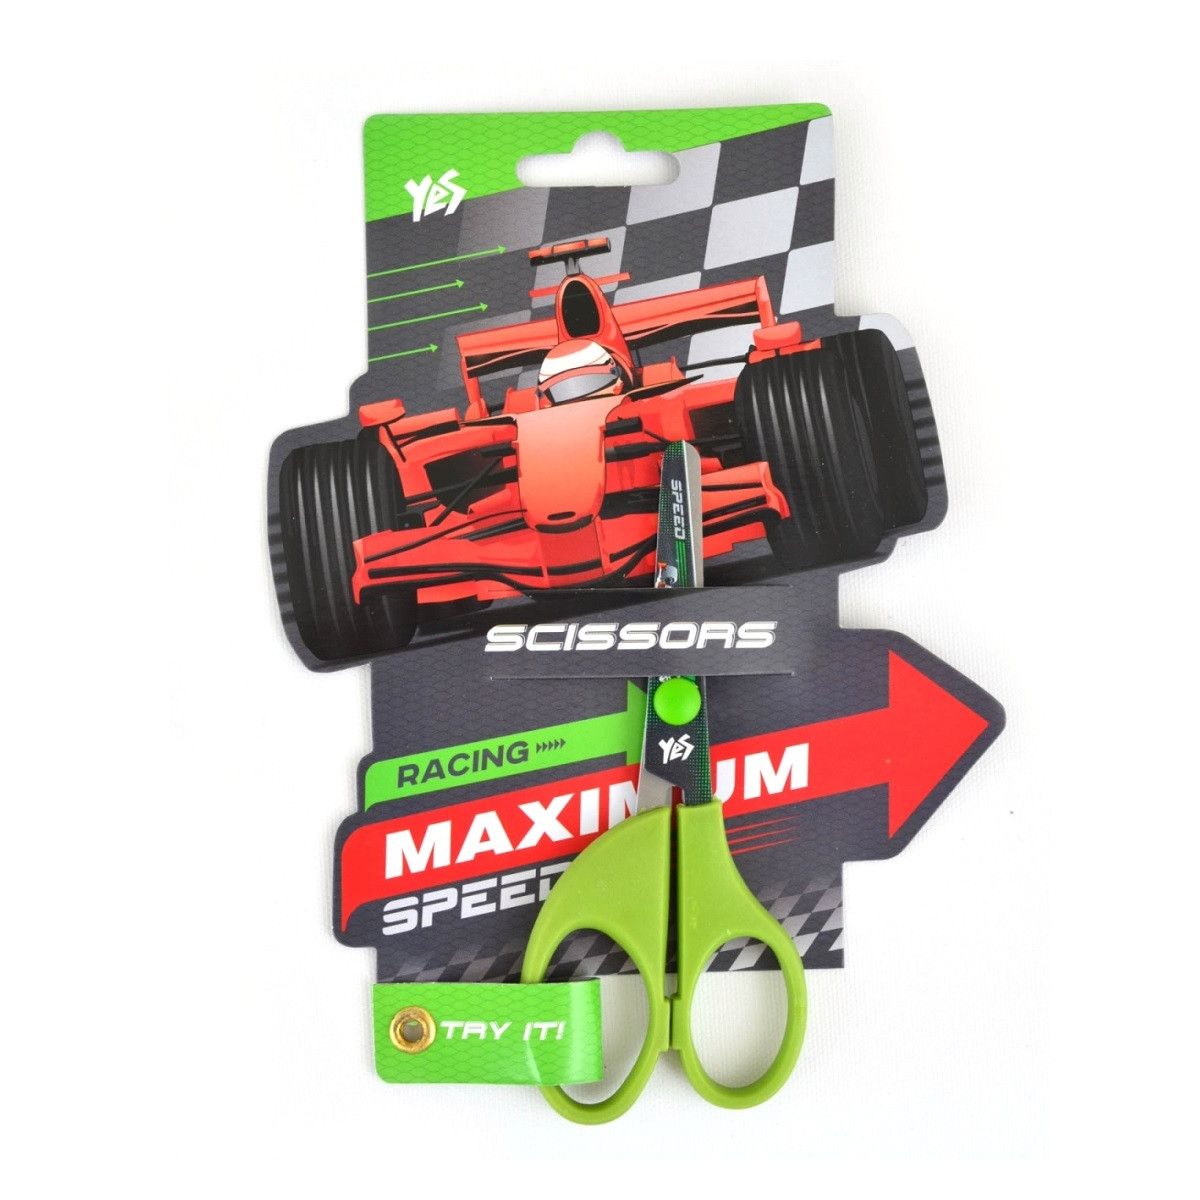 """Ножницы с принтом на лезвии """"Maximus speed"""" 480325"""